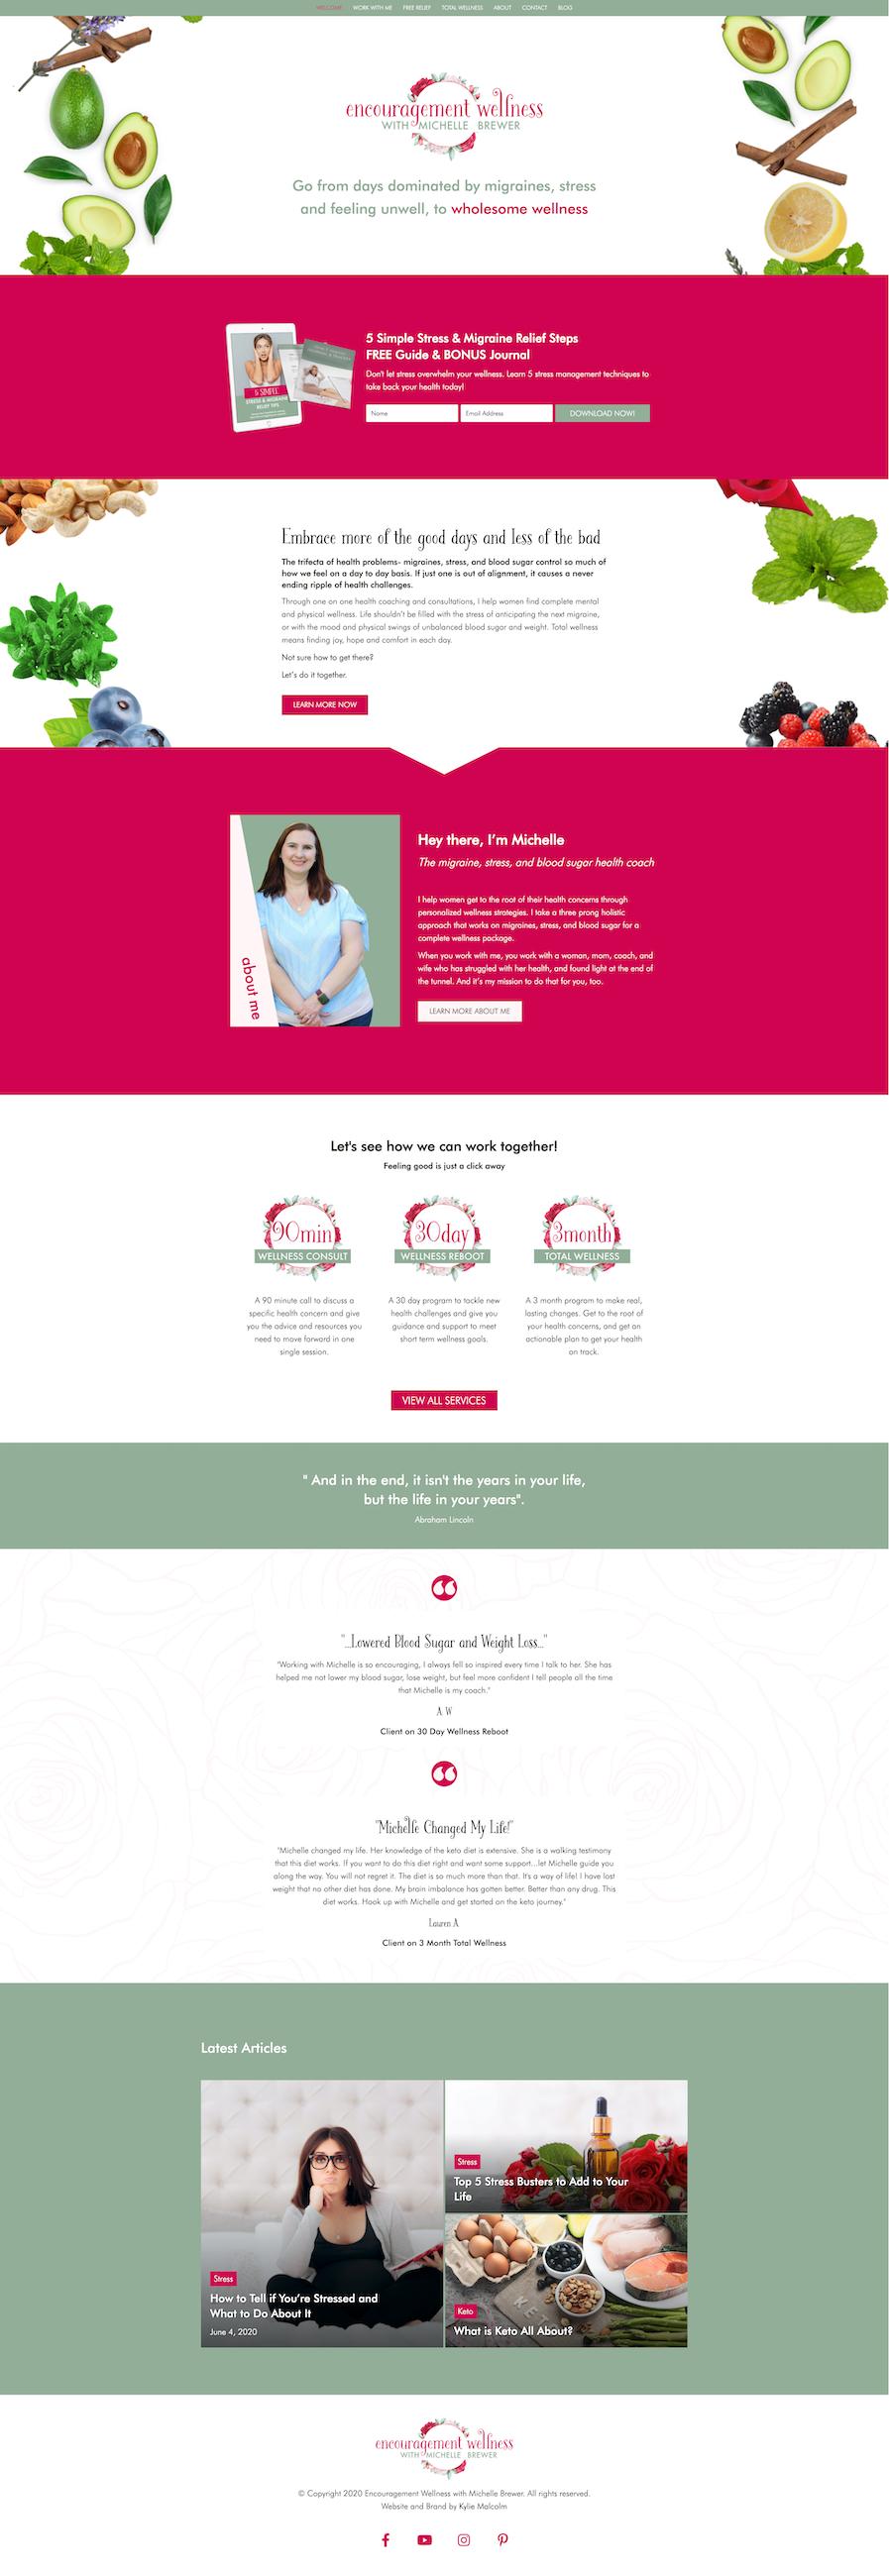 Keto health coach website design